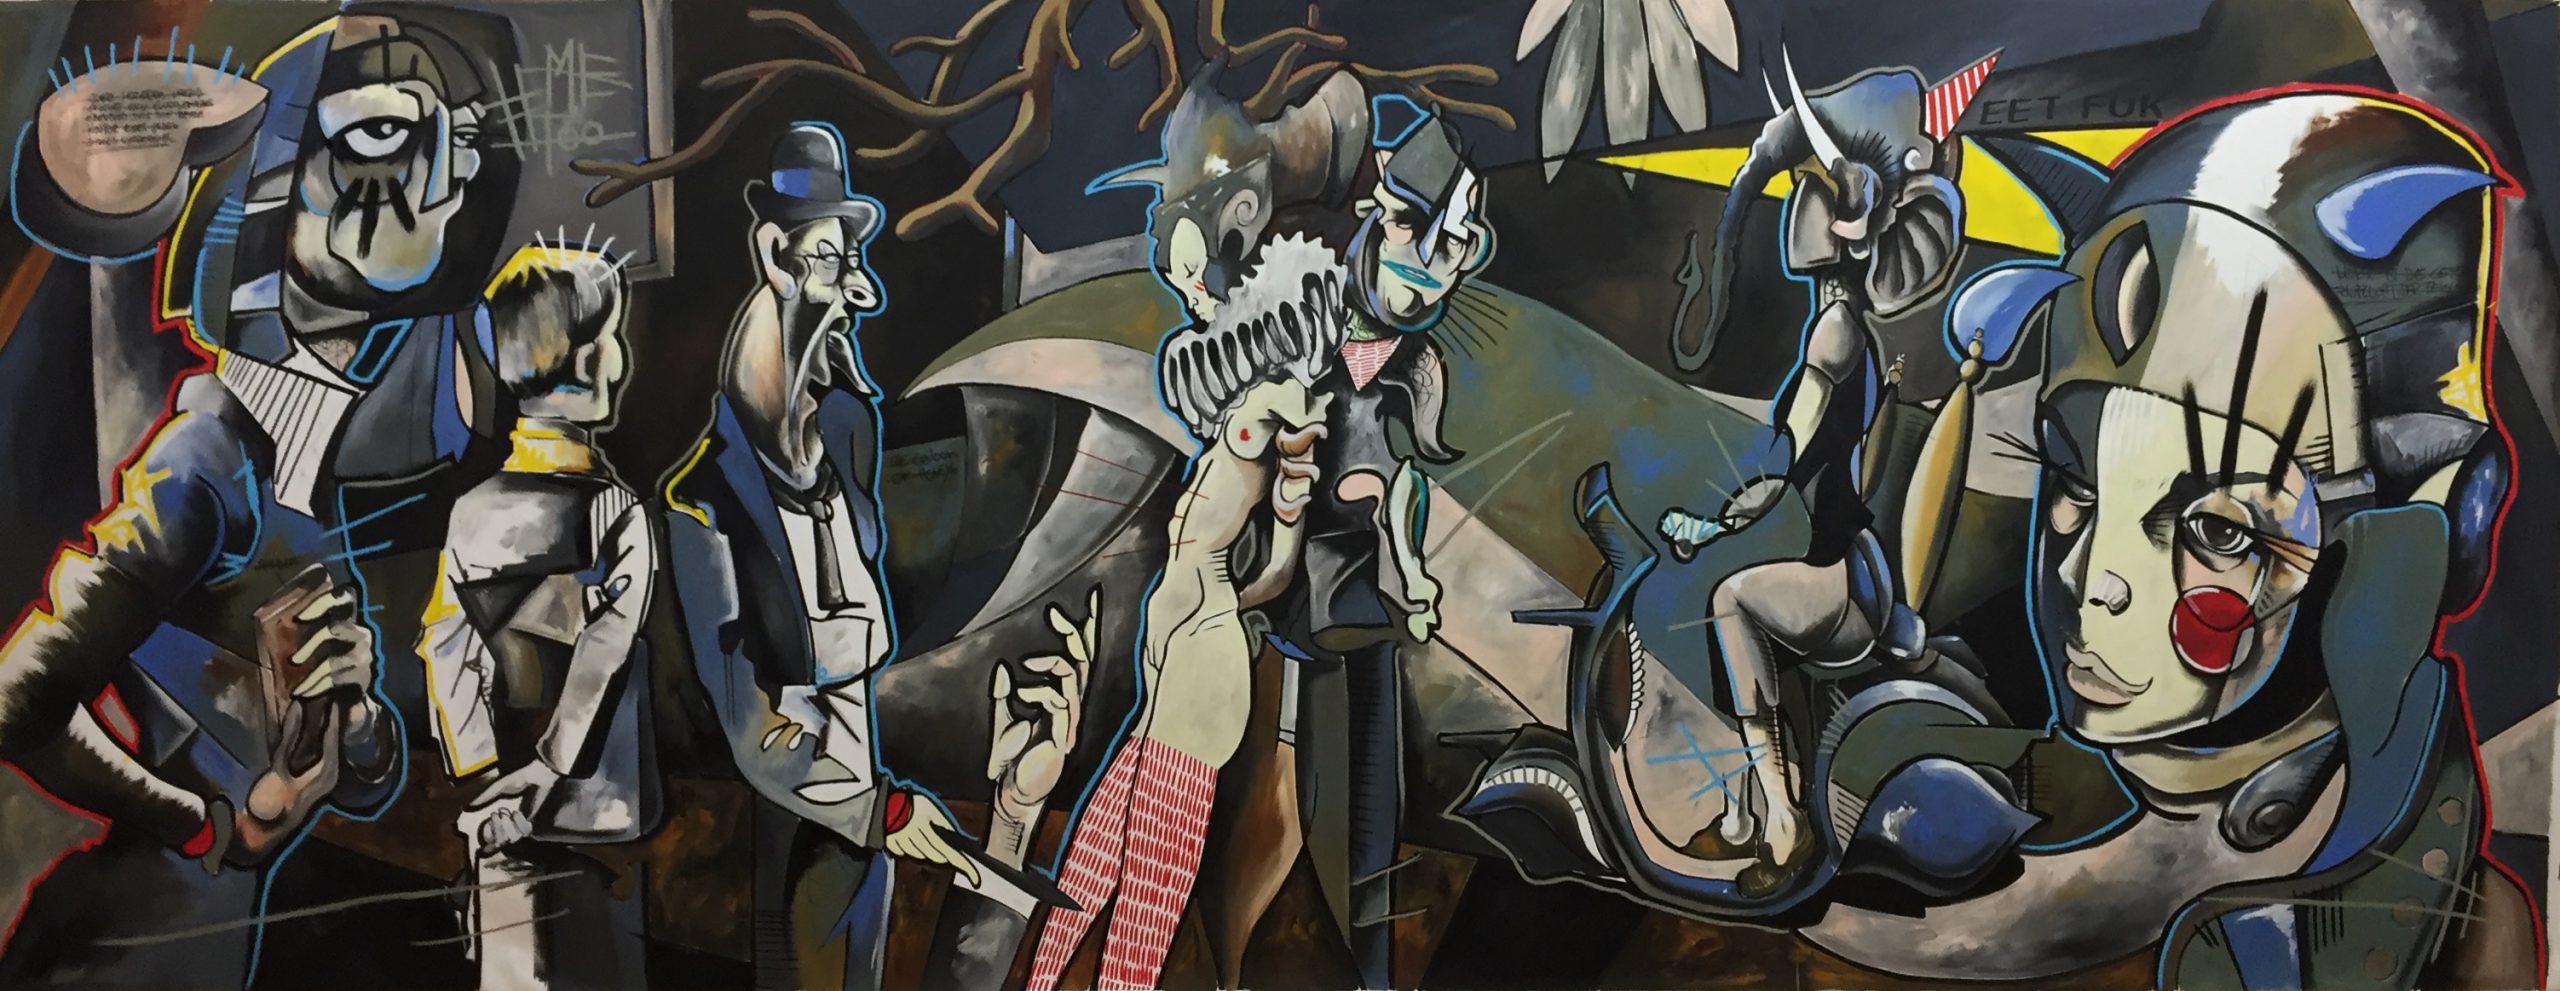 Daniel Harms | The Colour of Honey, Öl auf Leinwand, 2016, 212 x 530 cm